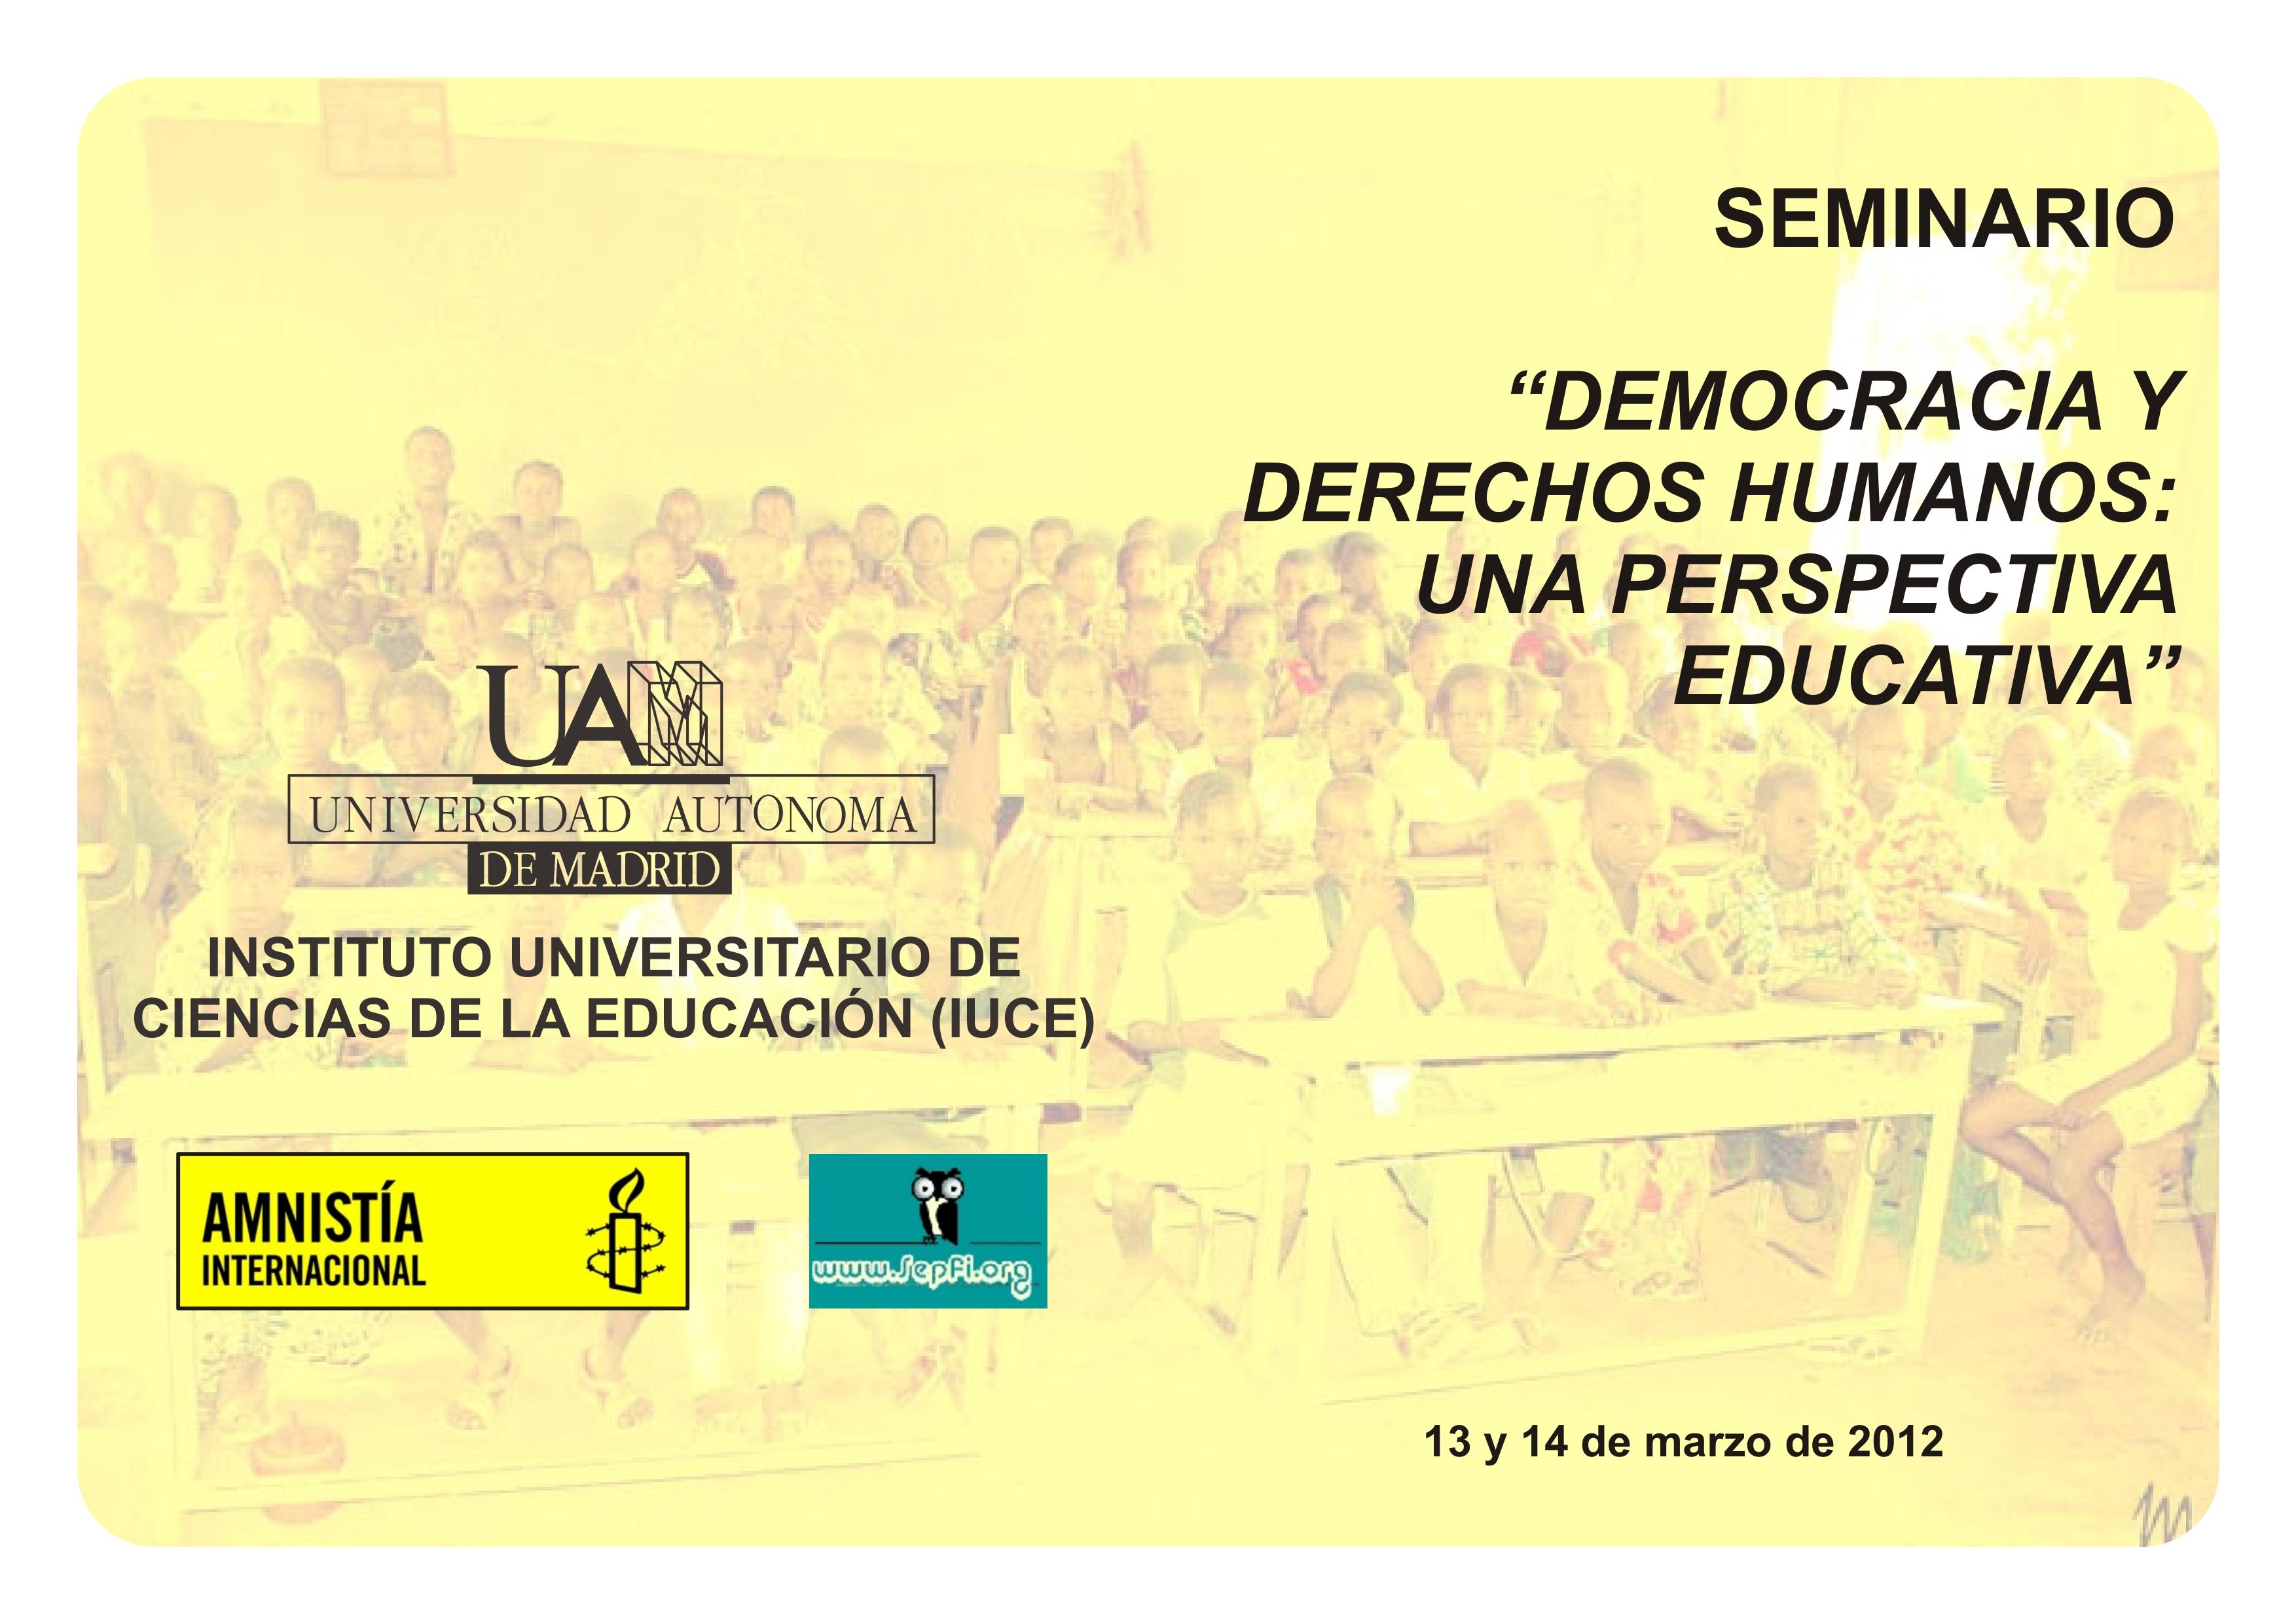 Democracia y Derechos Humanos. Una Perspectiva Educativa